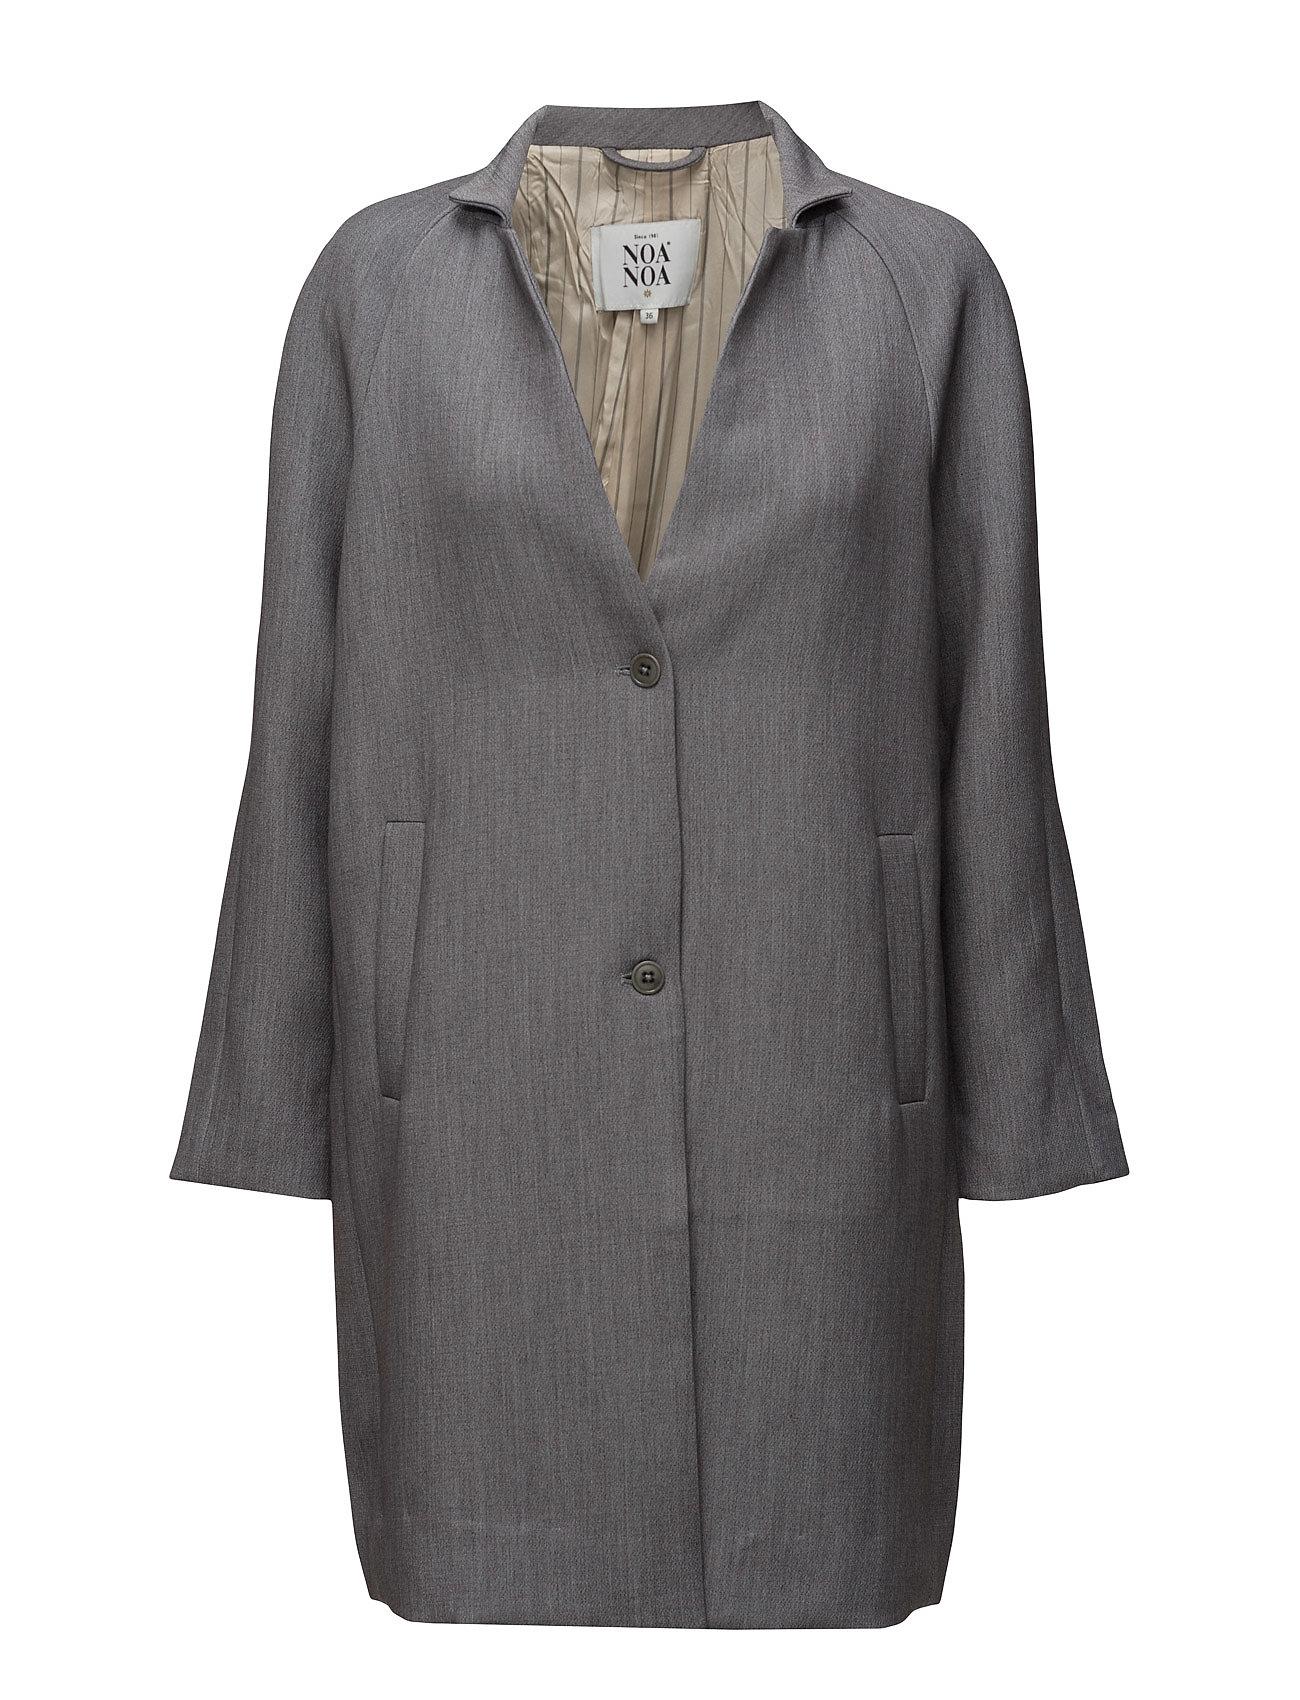 Noa Noa Light outerwear